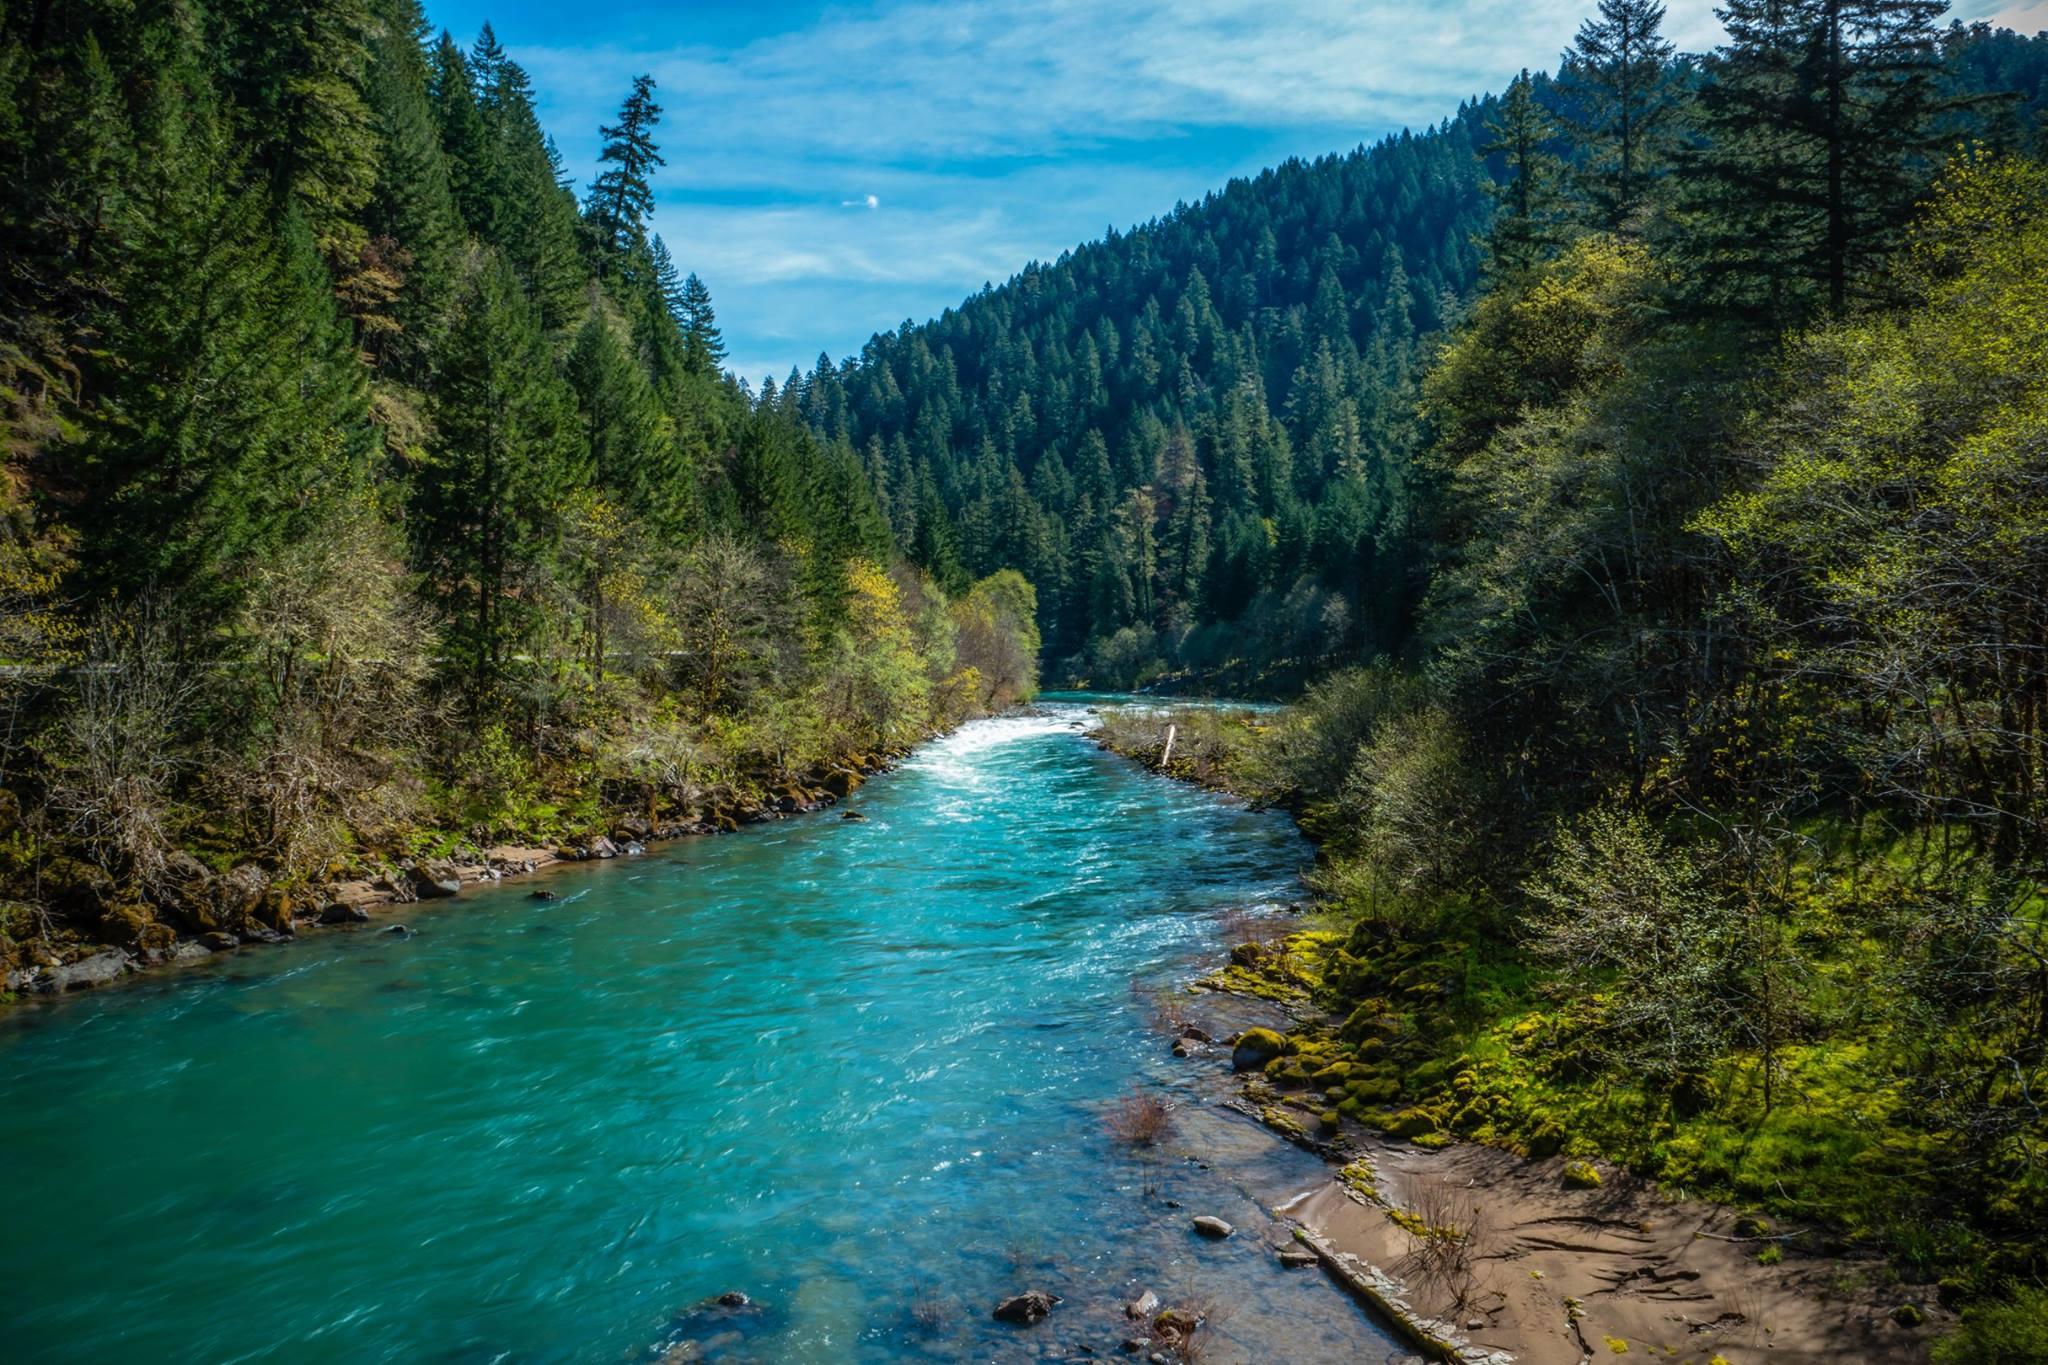 North Umpqua River. Photo by Renee Seeker.